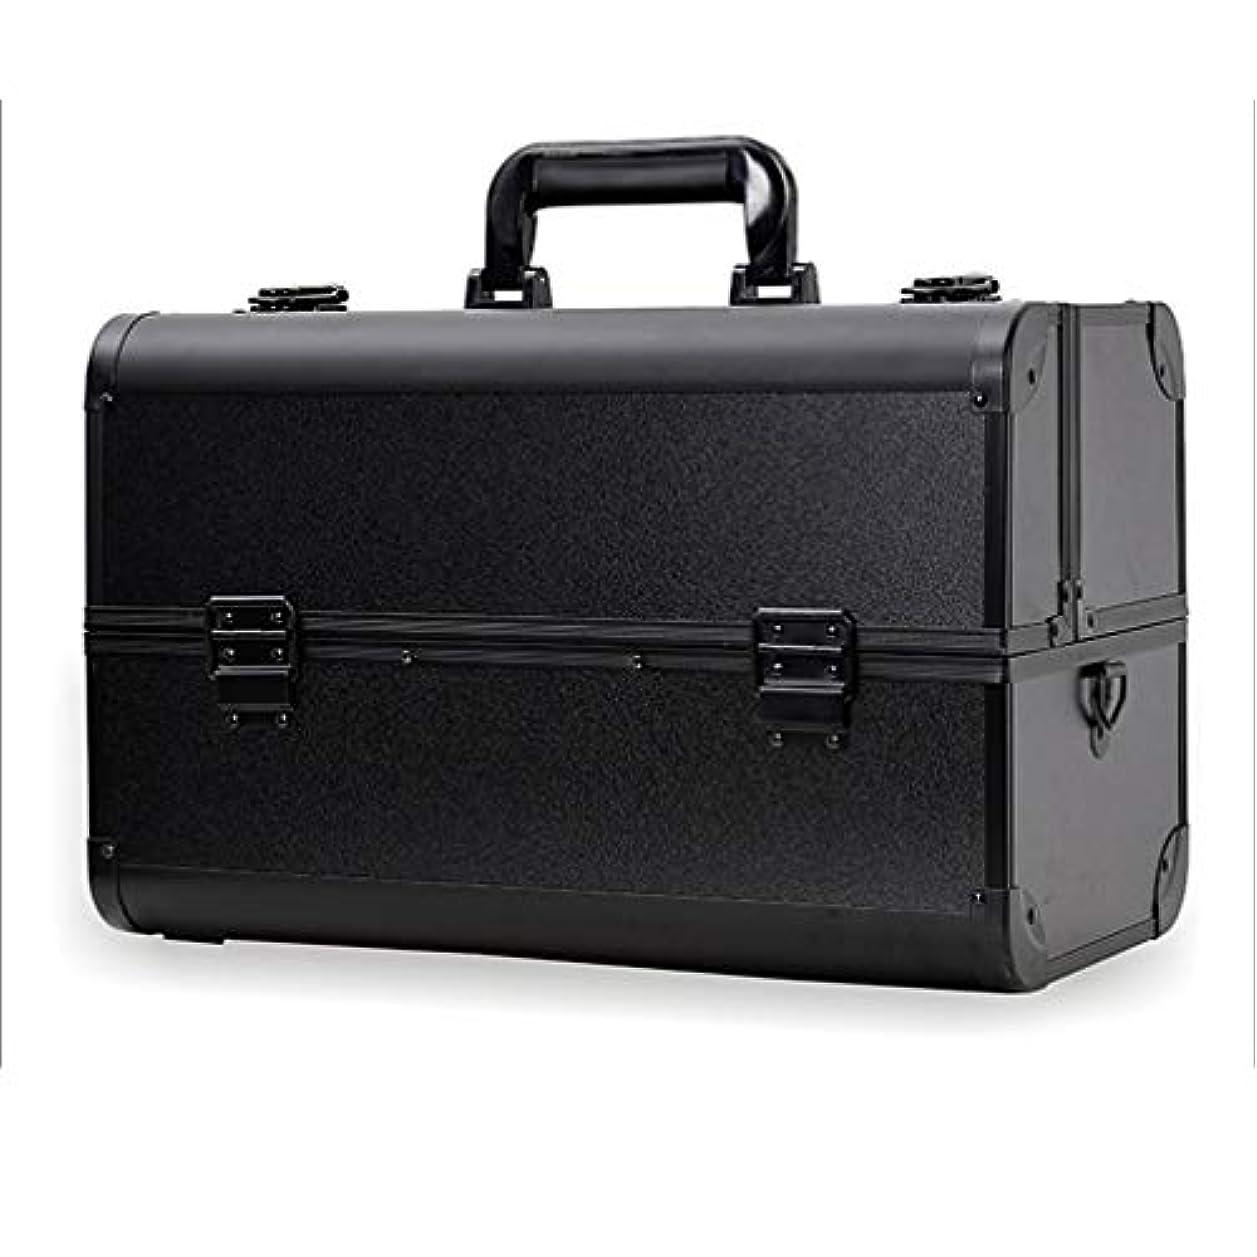 答え知覚するフレッシュメイクボックス コスメボックス 大容量 2段 化粧ボックス プロ 収納力抜群 鍵付き 洗える 肩掛け かわいい プレゼント 彼女友達へ 取っ手付 コスメBOX ブラック XL